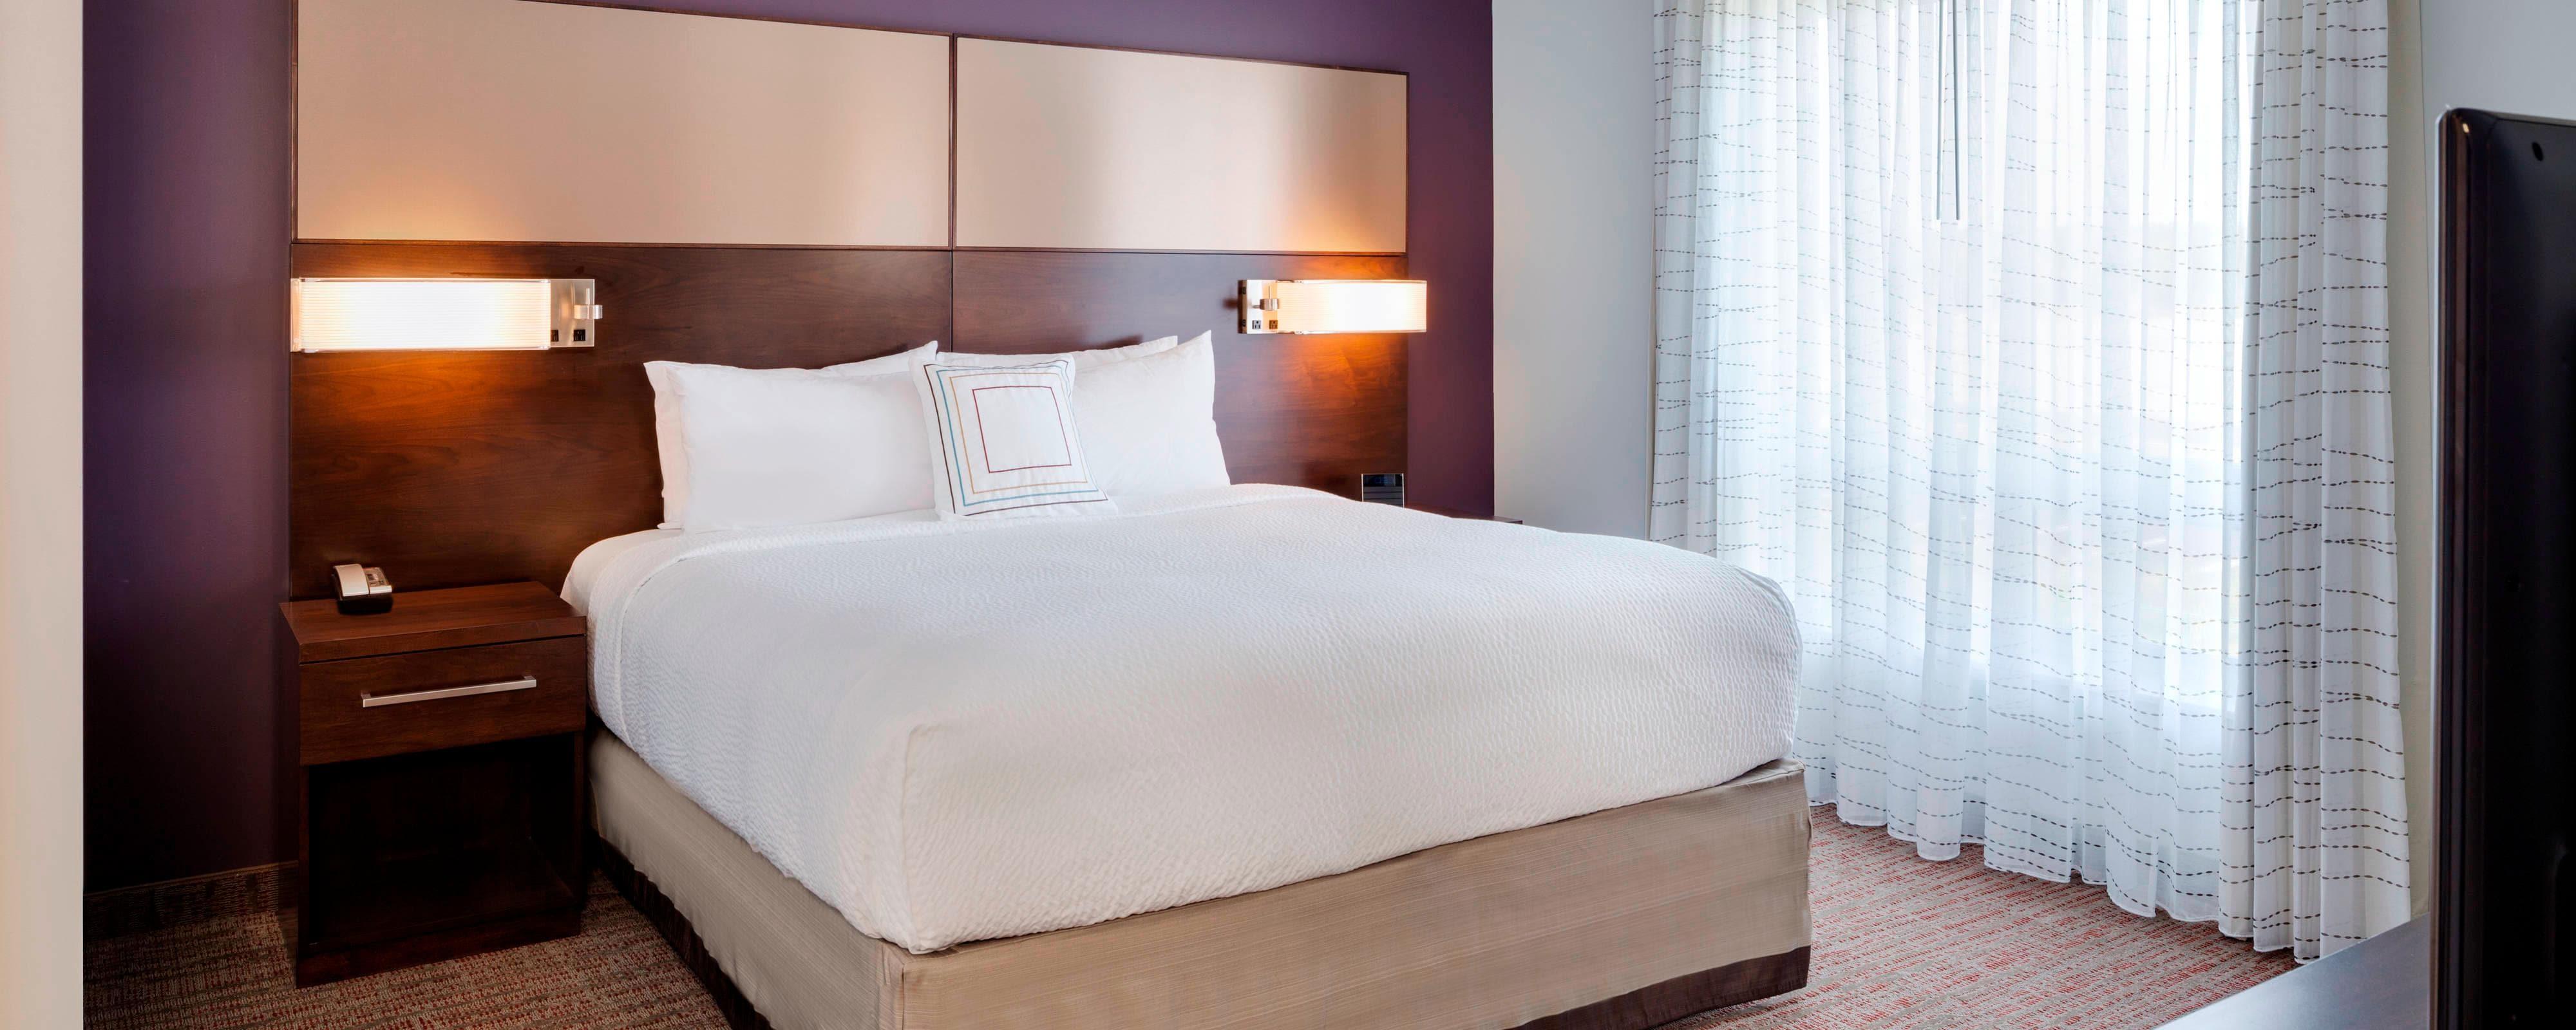 Kingsize-Bett der Suite mit einem Schlafzimmer